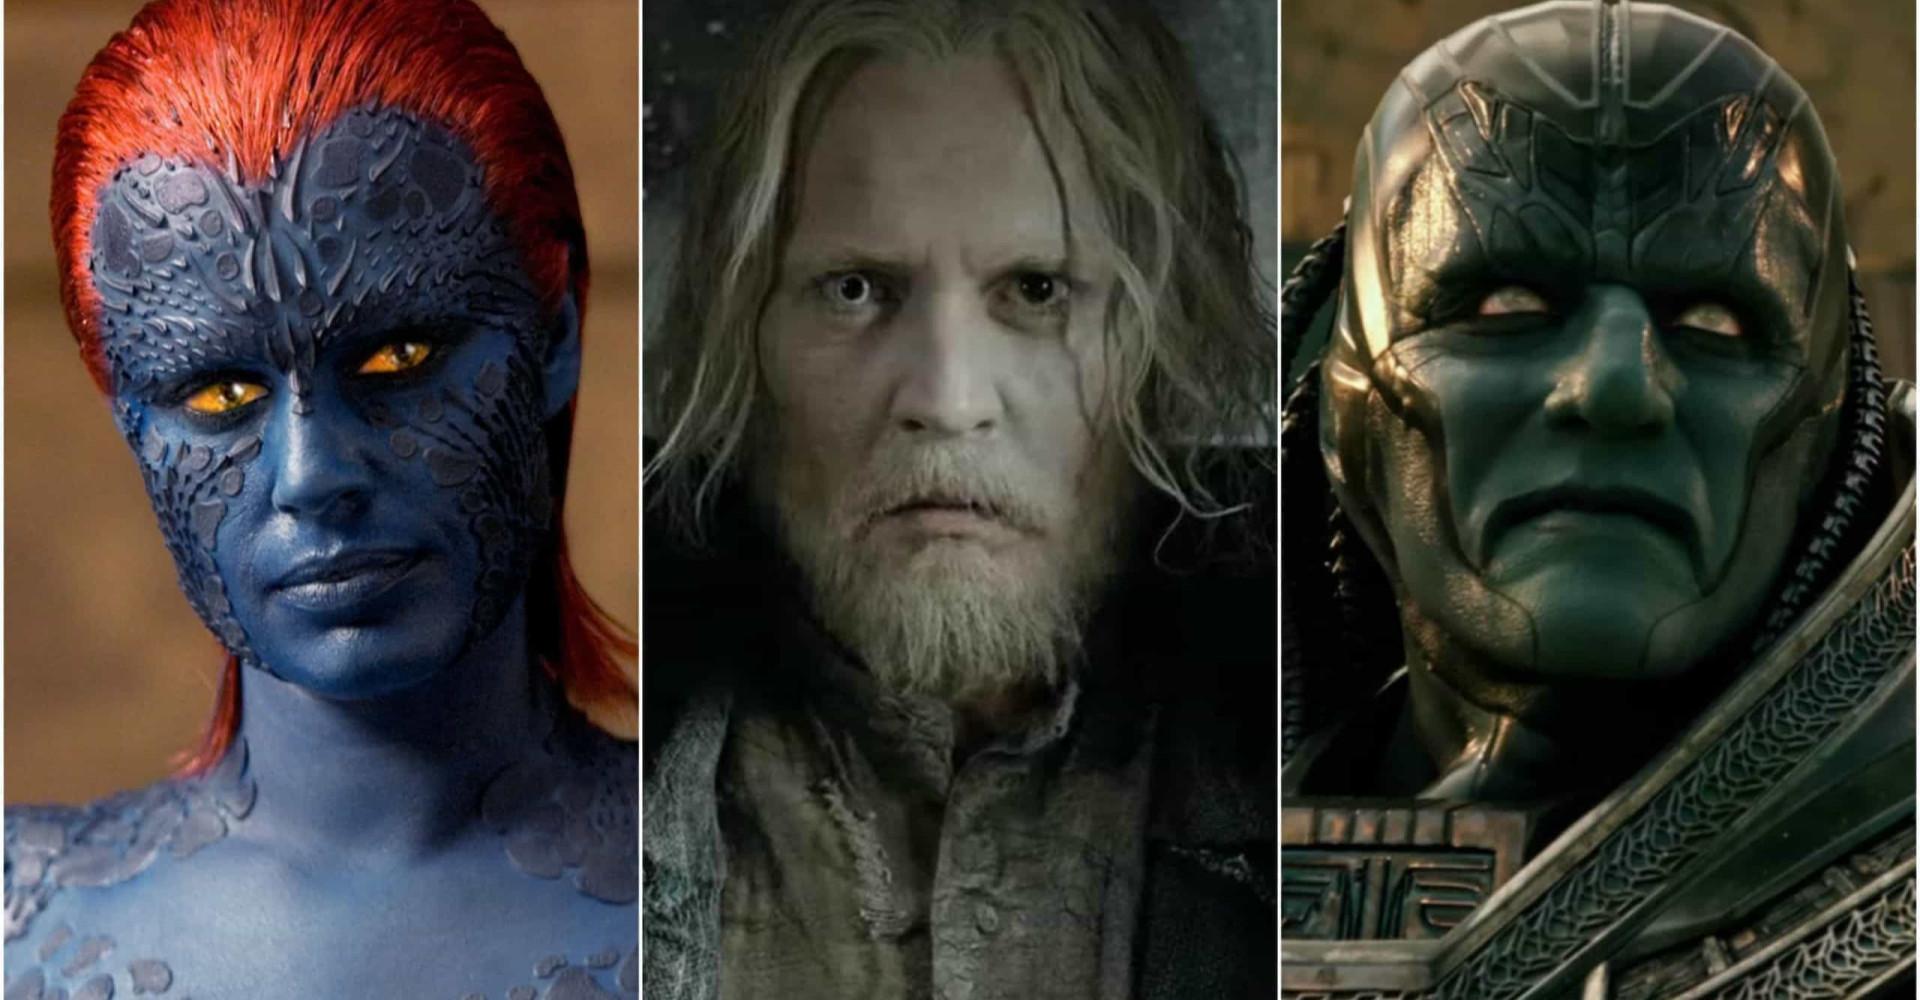 De mest dramatiske transformasjonene skuespillere har gjennomgått for en filmrolle